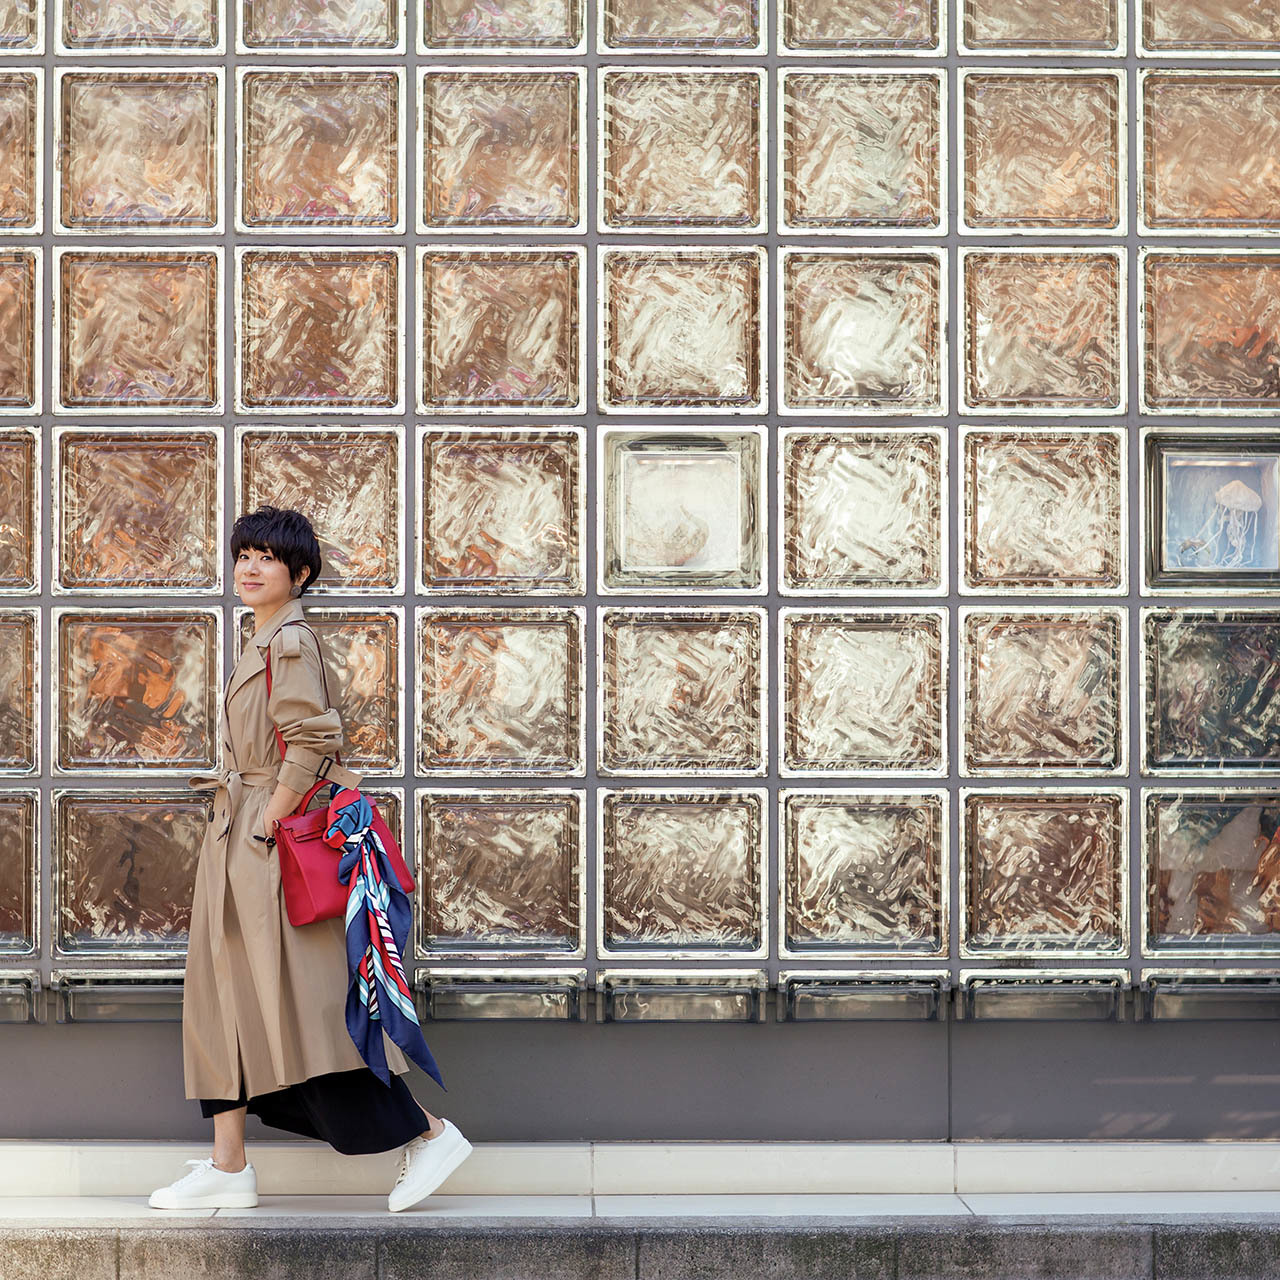 お買い物以上の、価値と魅力がある街。黒田知永子「大人の銀座歩き」 五選_1_1-1